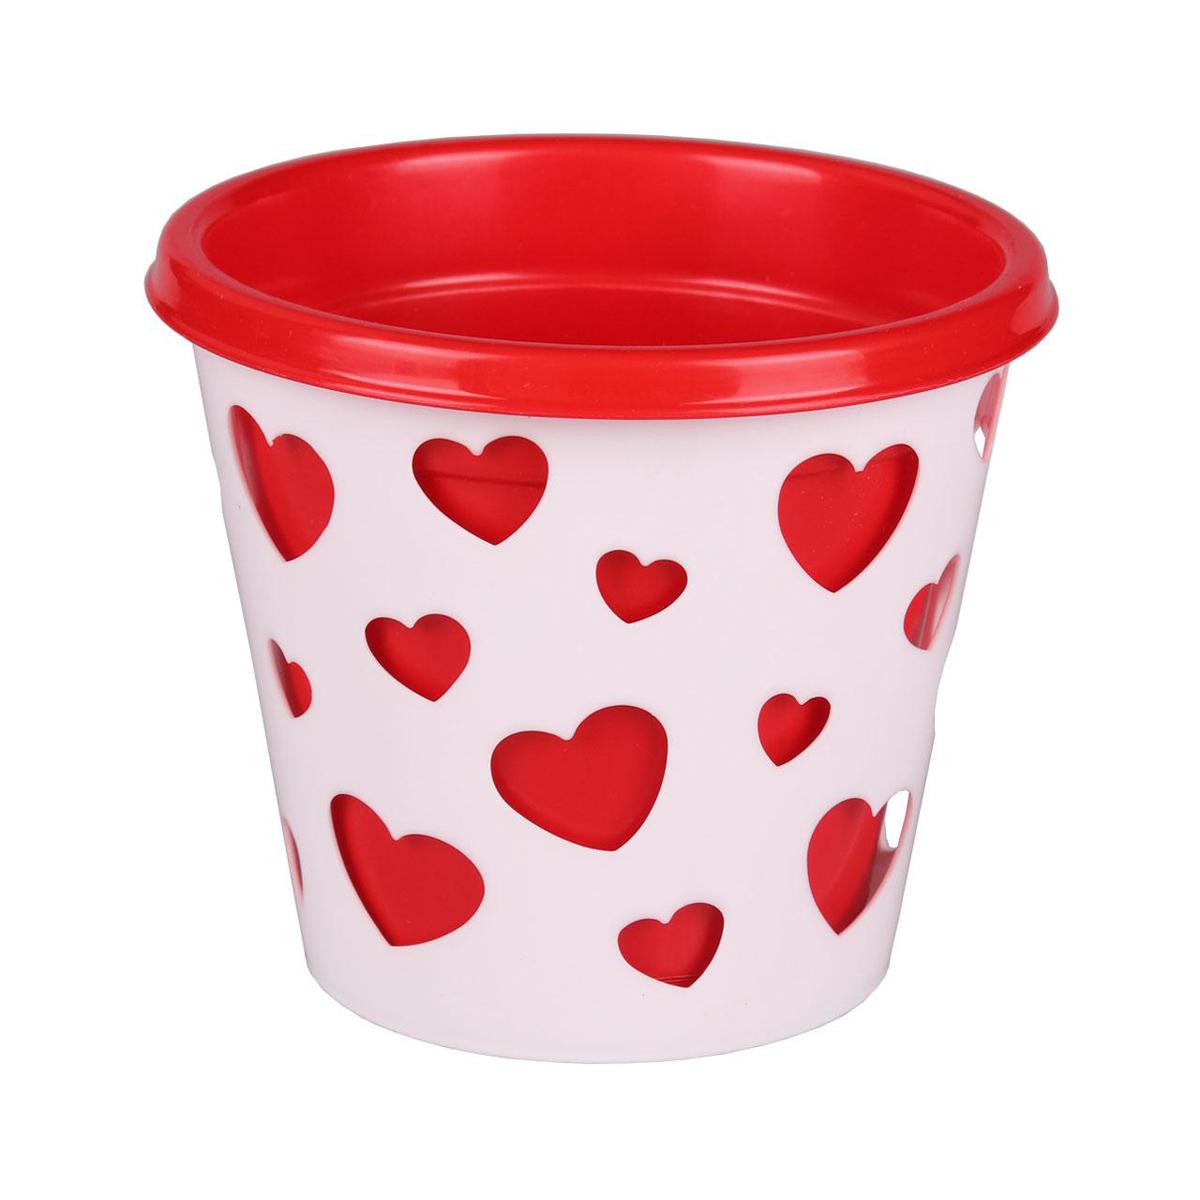 Горшок-кашпо Альтернатива Валентинка, со вставкой, цвет: красный, белый, 2 лМ4634Горшок-кашпо Альтернатива Валентинка выполнен из высококачественного пластика. Стенки изделия декорированы перфорацией в виде сердец разного размера. В комплекте пластиковая вставка, которая вставляется в горшок-кашпо. Такой горшок-кашпо прекрасно подойдет для выращивания растений и цветов в домашних условиях. Лаконичный дизайн впишется в интерьер любого помещения. Размер горшка: 17 см х 17 см х 16,5 см. Размер вставки: 18 см х 18 см х 16 см. Объем: 2 л.